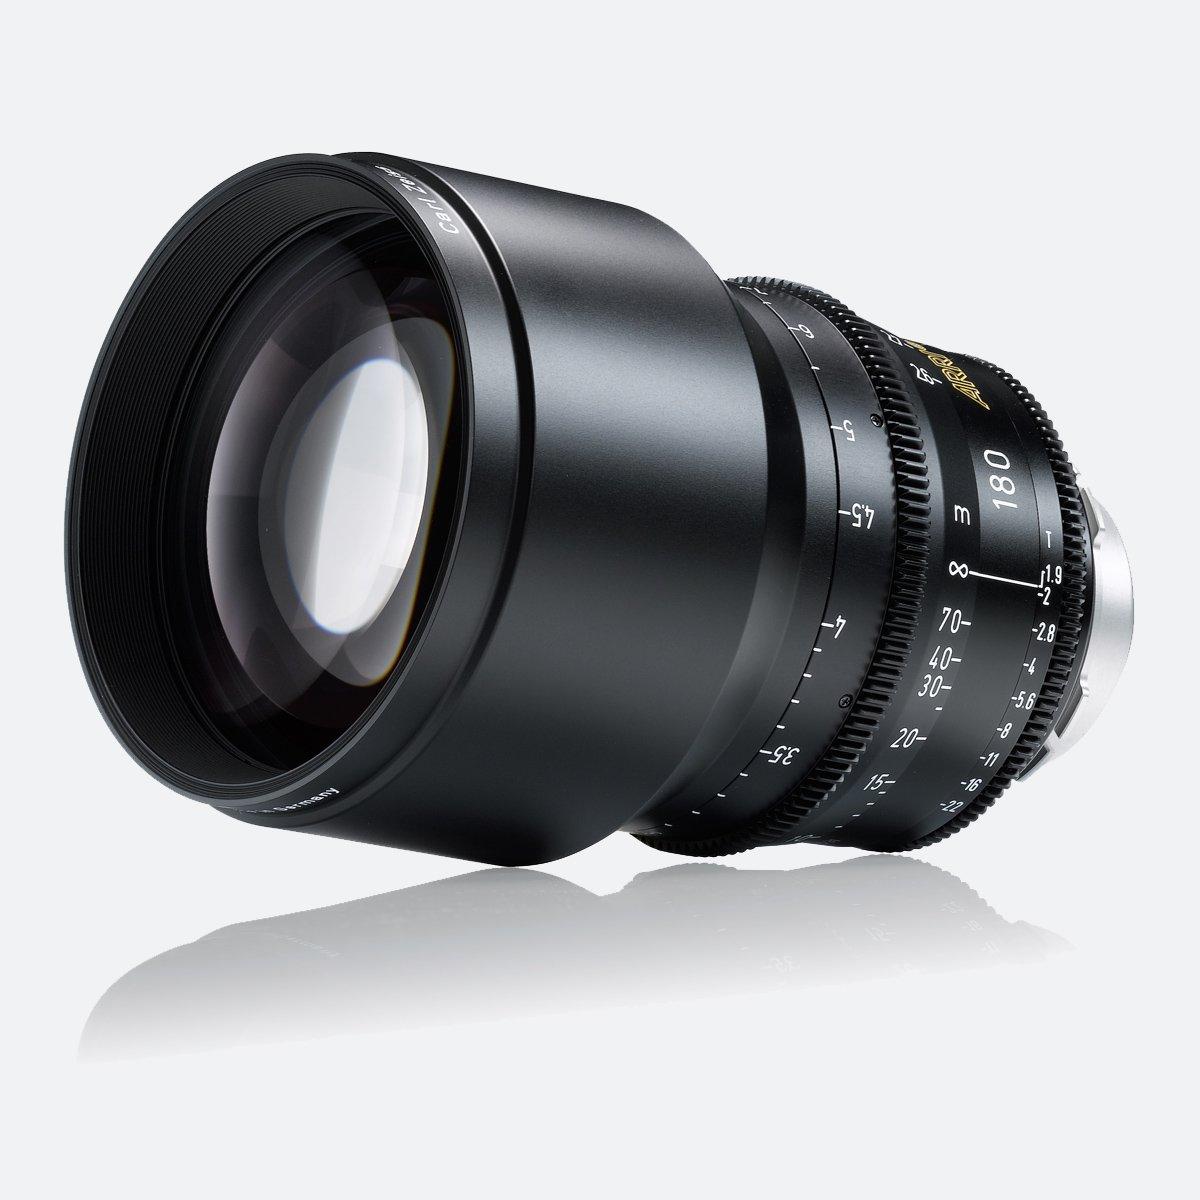 ARRI 180mm T1.9 Ultra Prime Lens